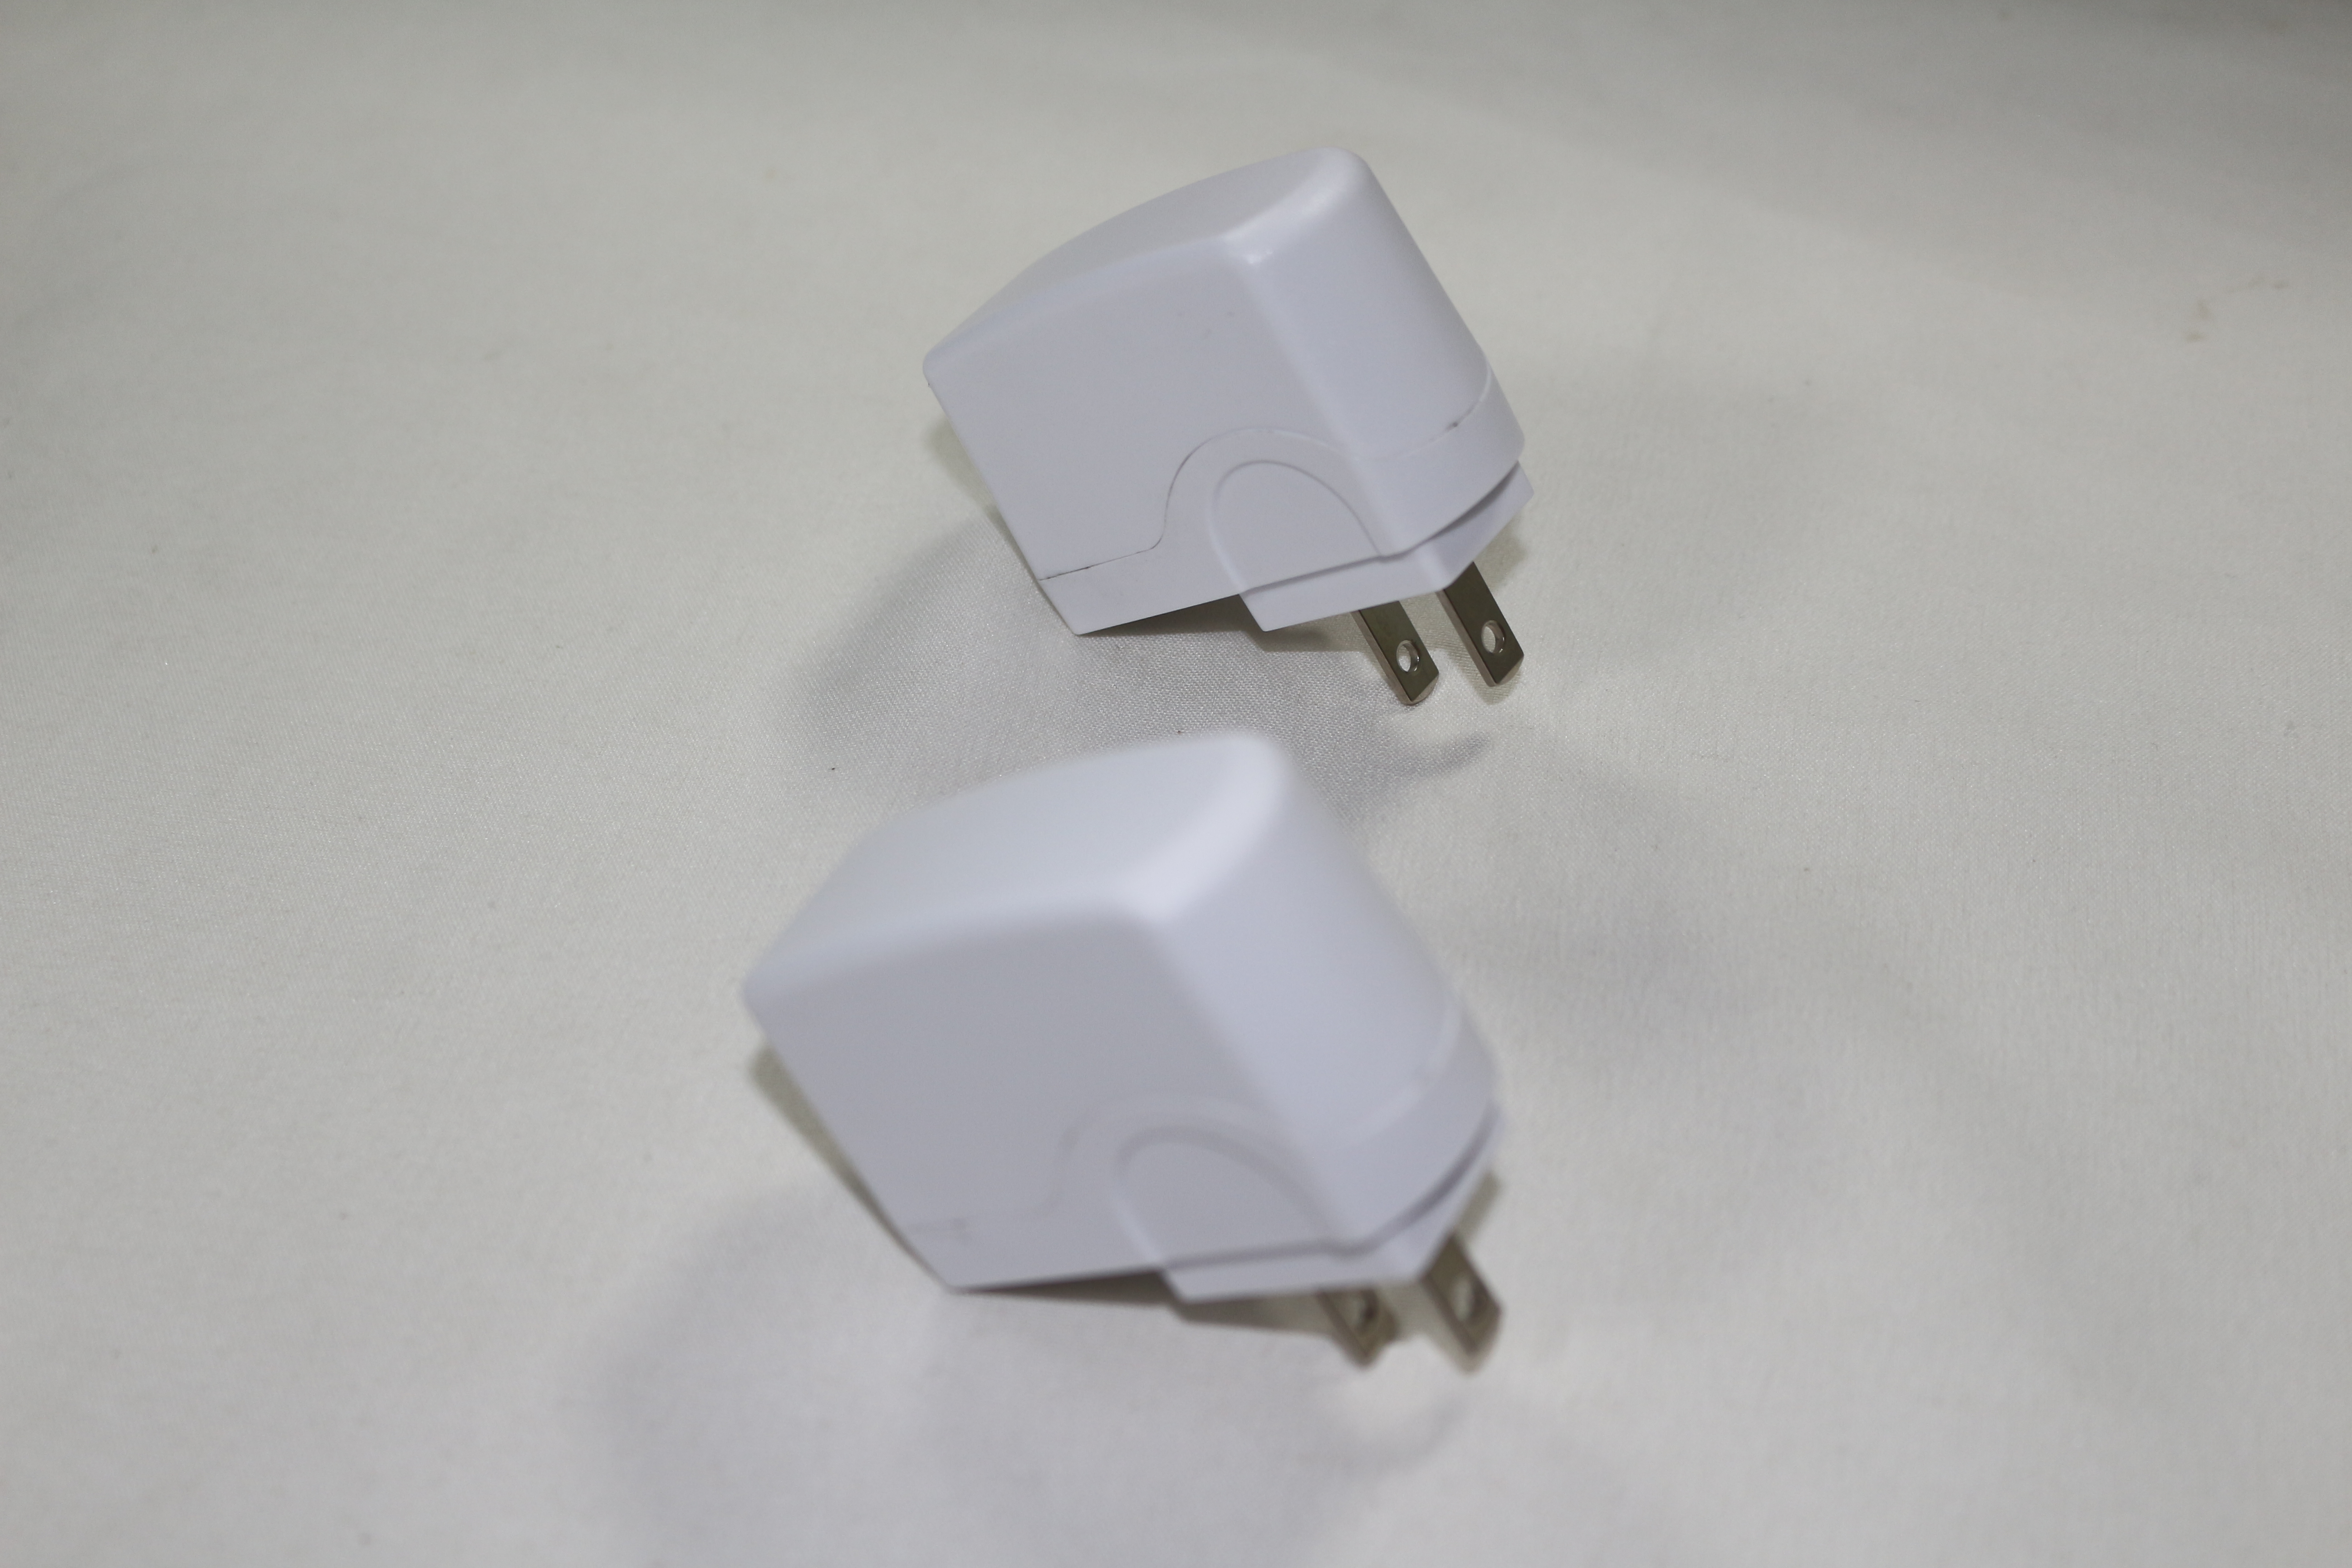 电源充电器图片/电源充电器样板图 (4)